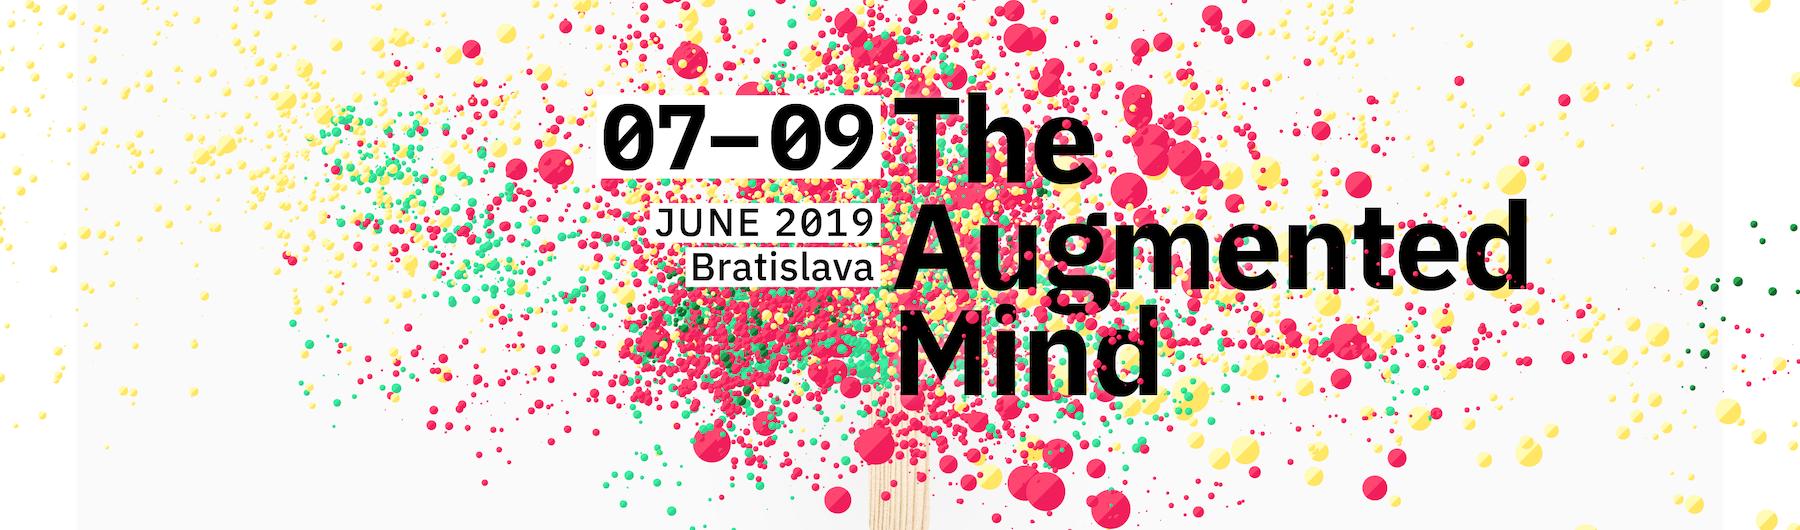 Sensorium Festival 2019